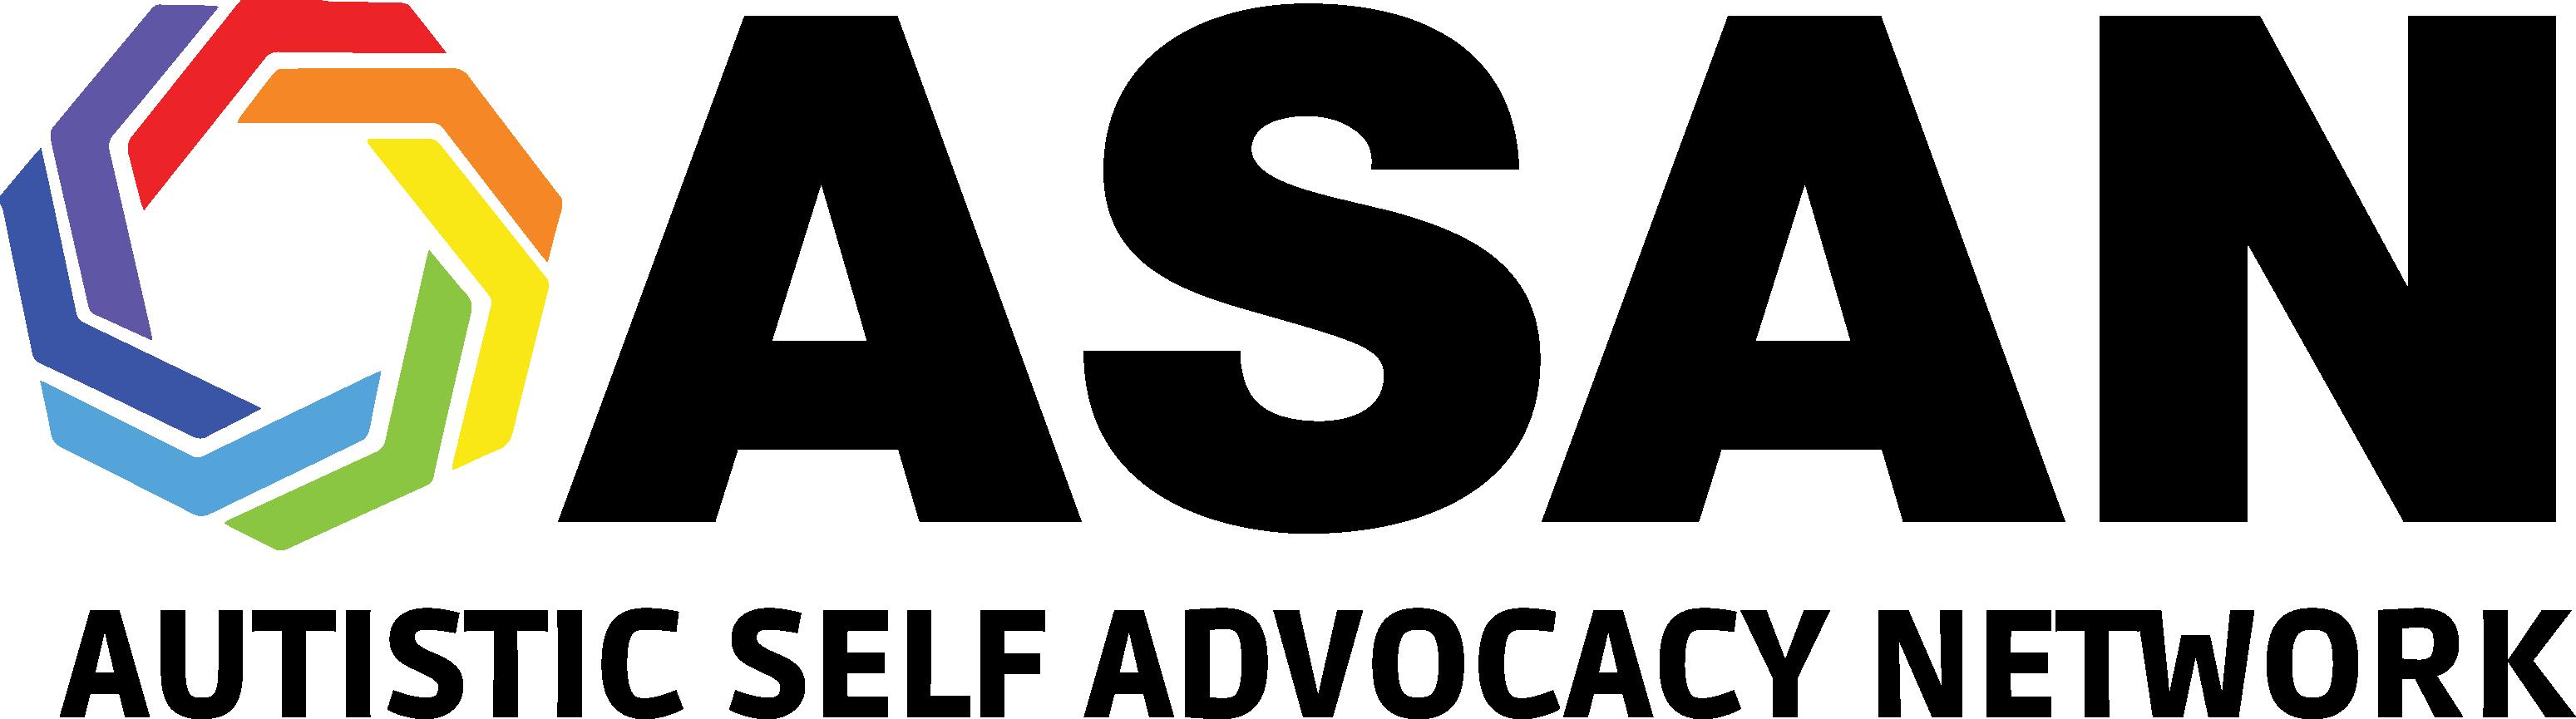 Asan logo main